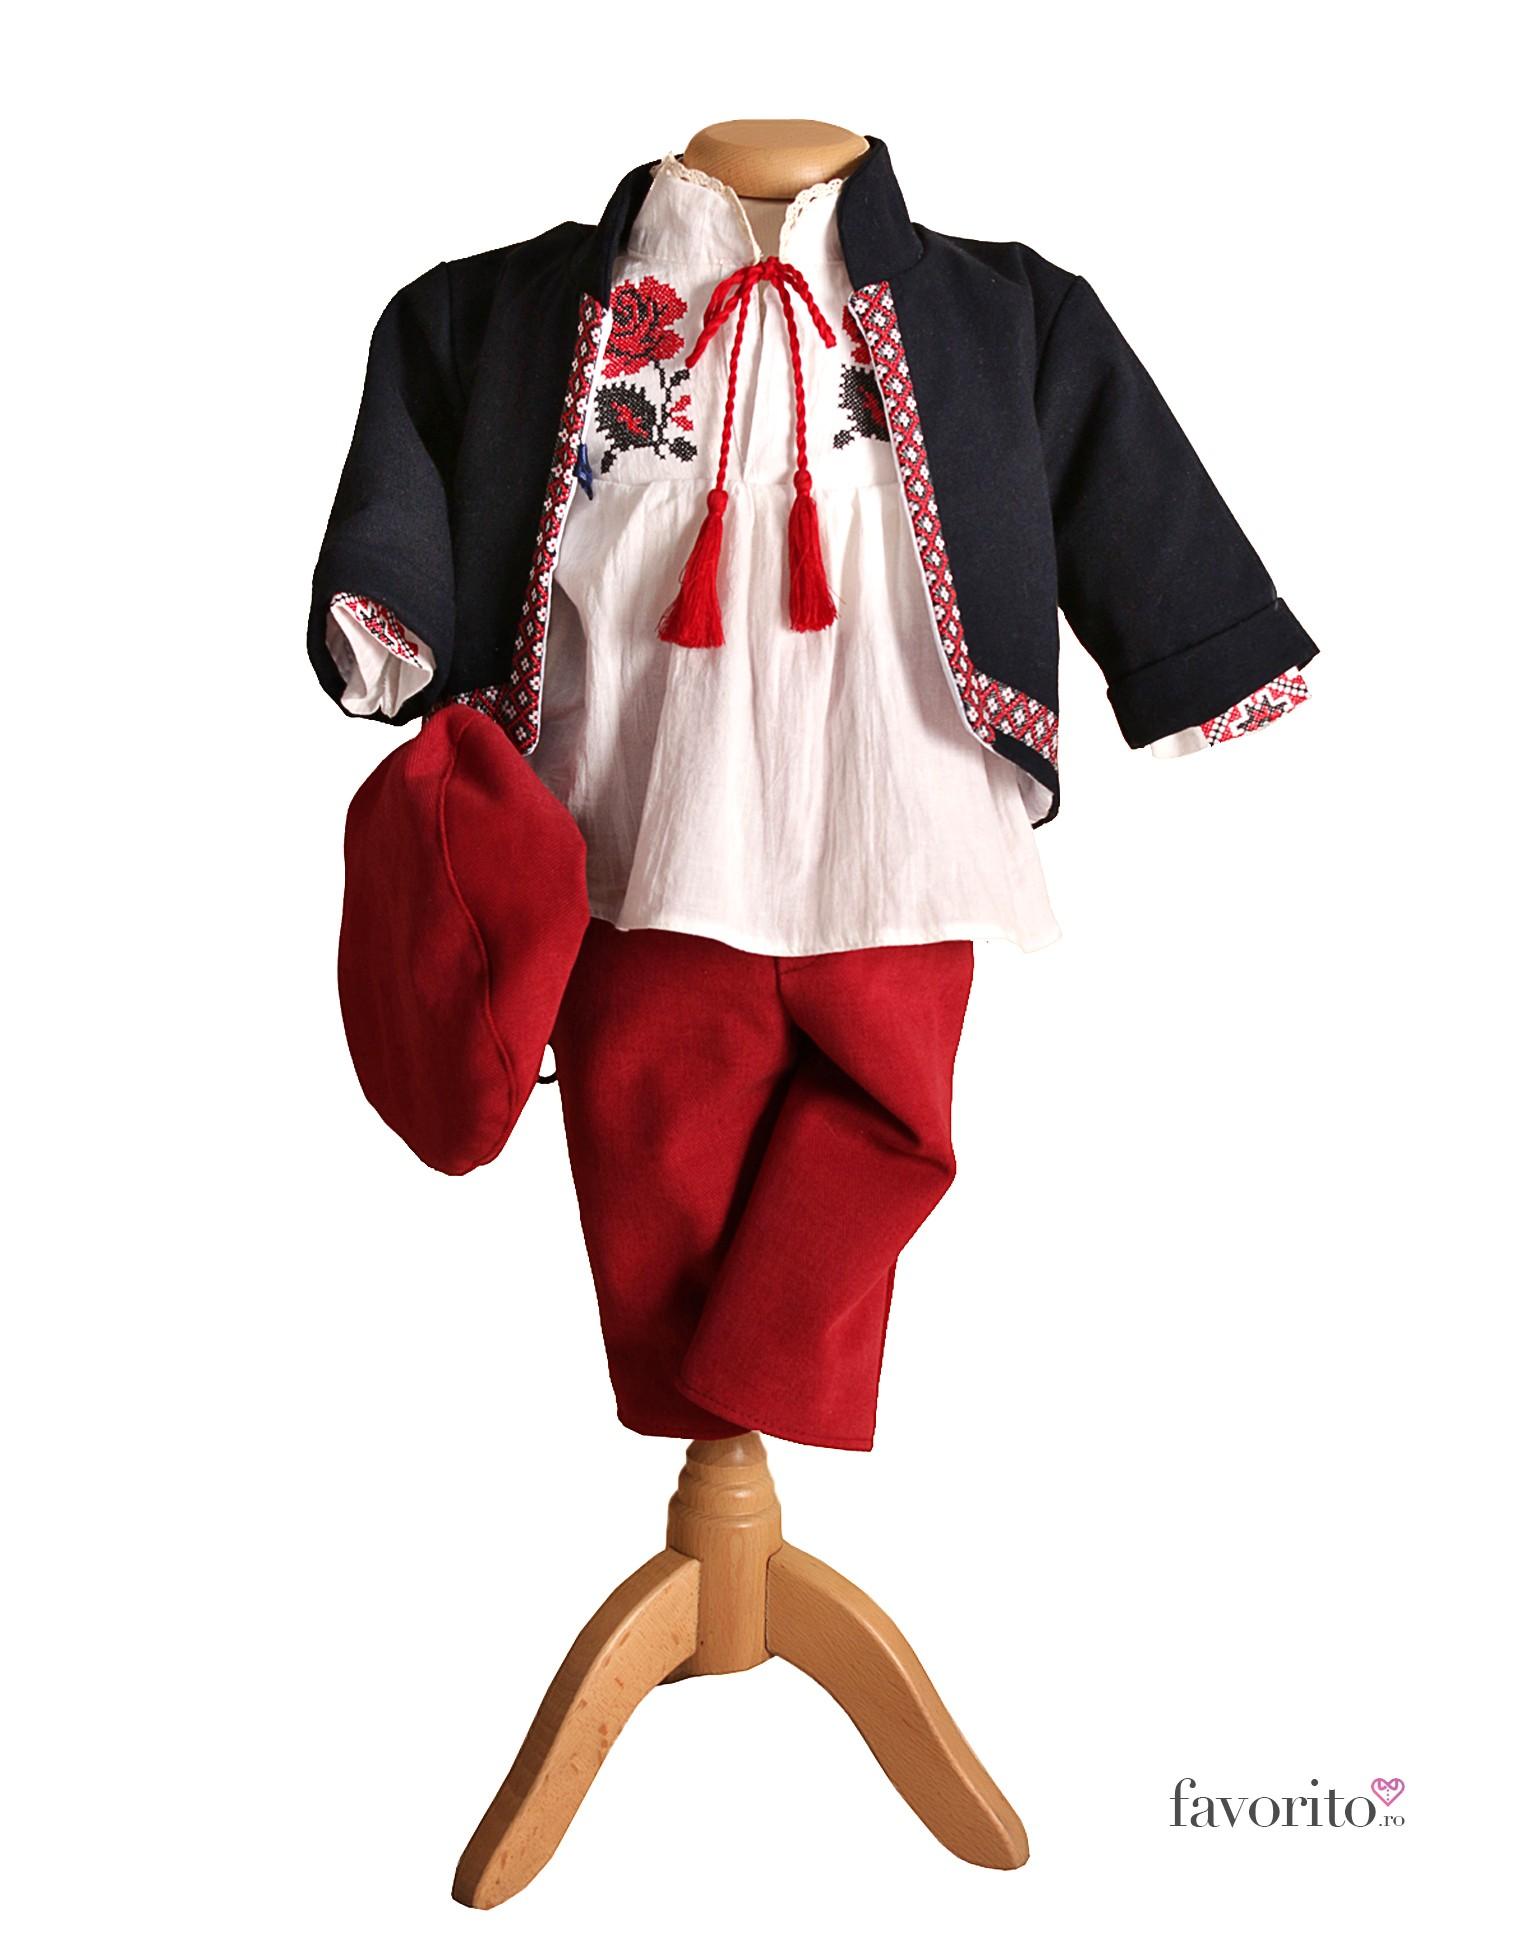 Costum Brodat Catalin Pentru Botez Cu Ie 0 3 3 6 Luni Favorito